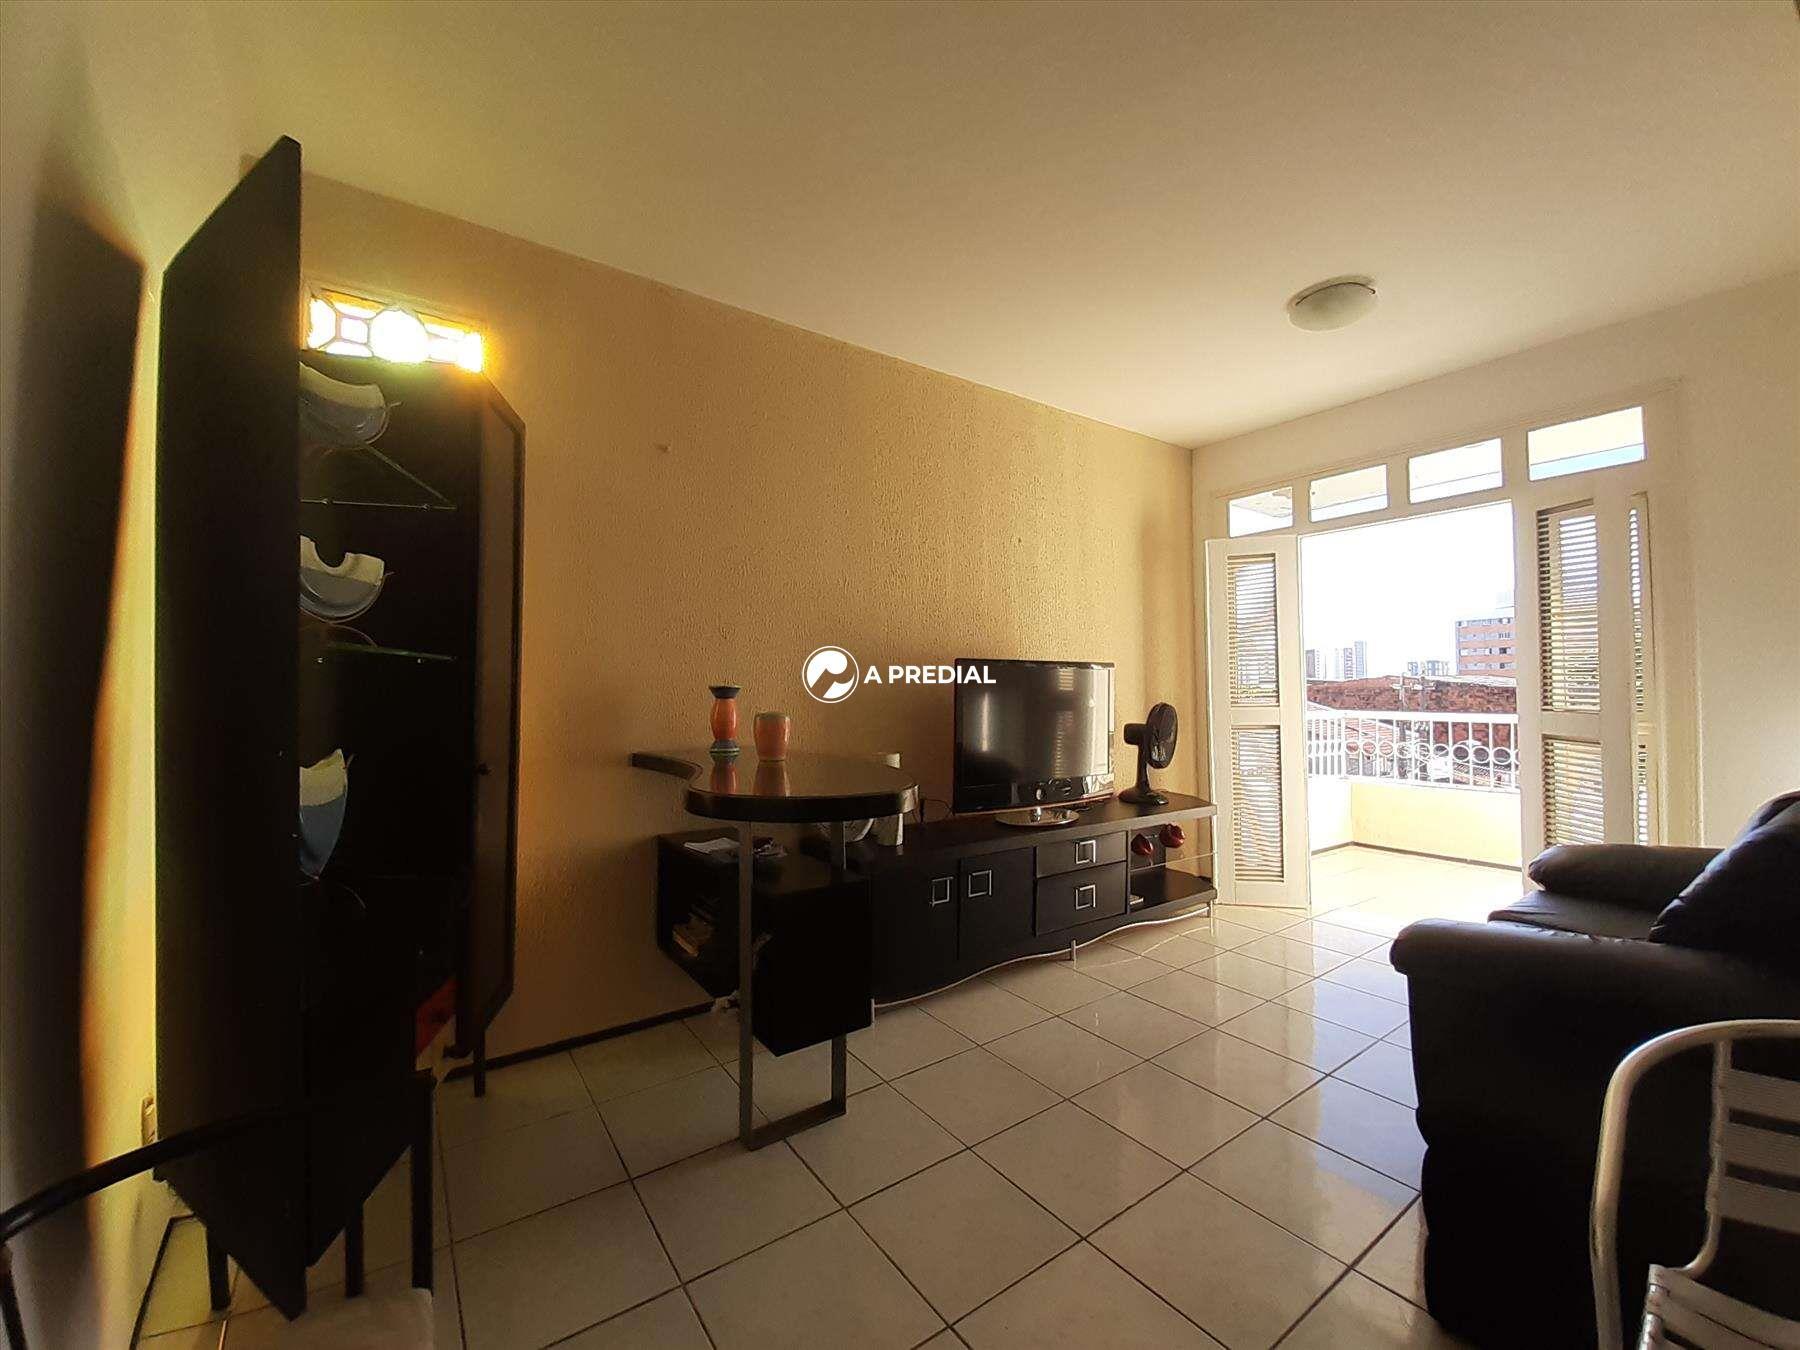 Apartamento à venda no Joaquim Távora: 9268859a-9-20200804_155458.jpg